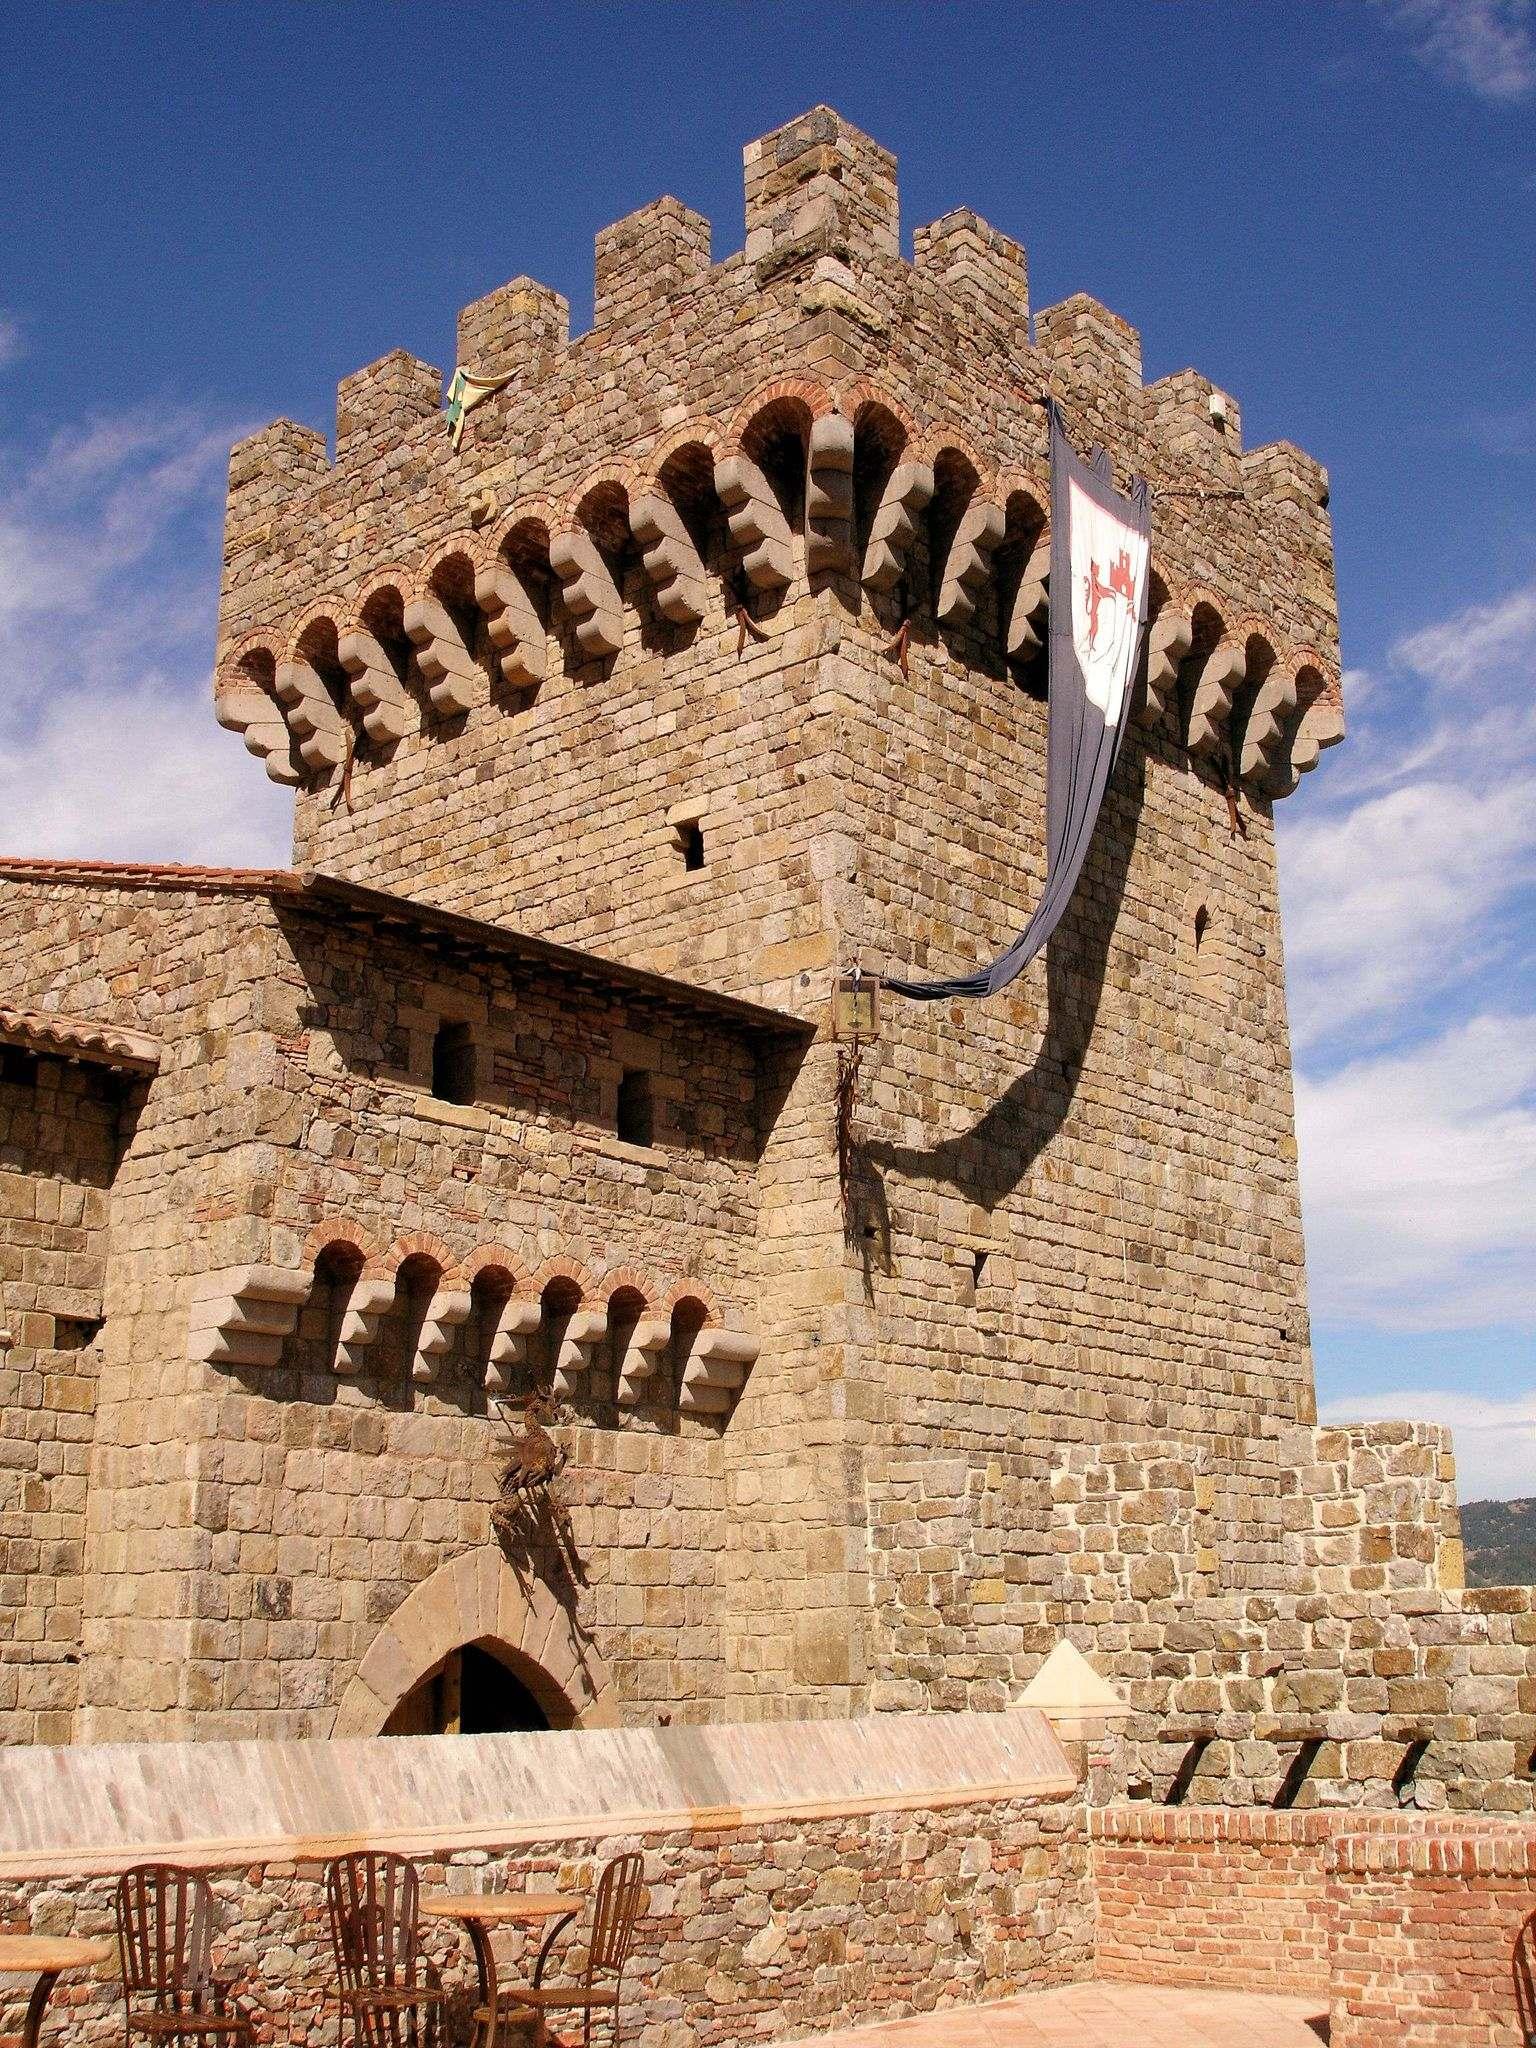 castello di amorosa6 Castello di Amorosa Winery in Napa Valley, California